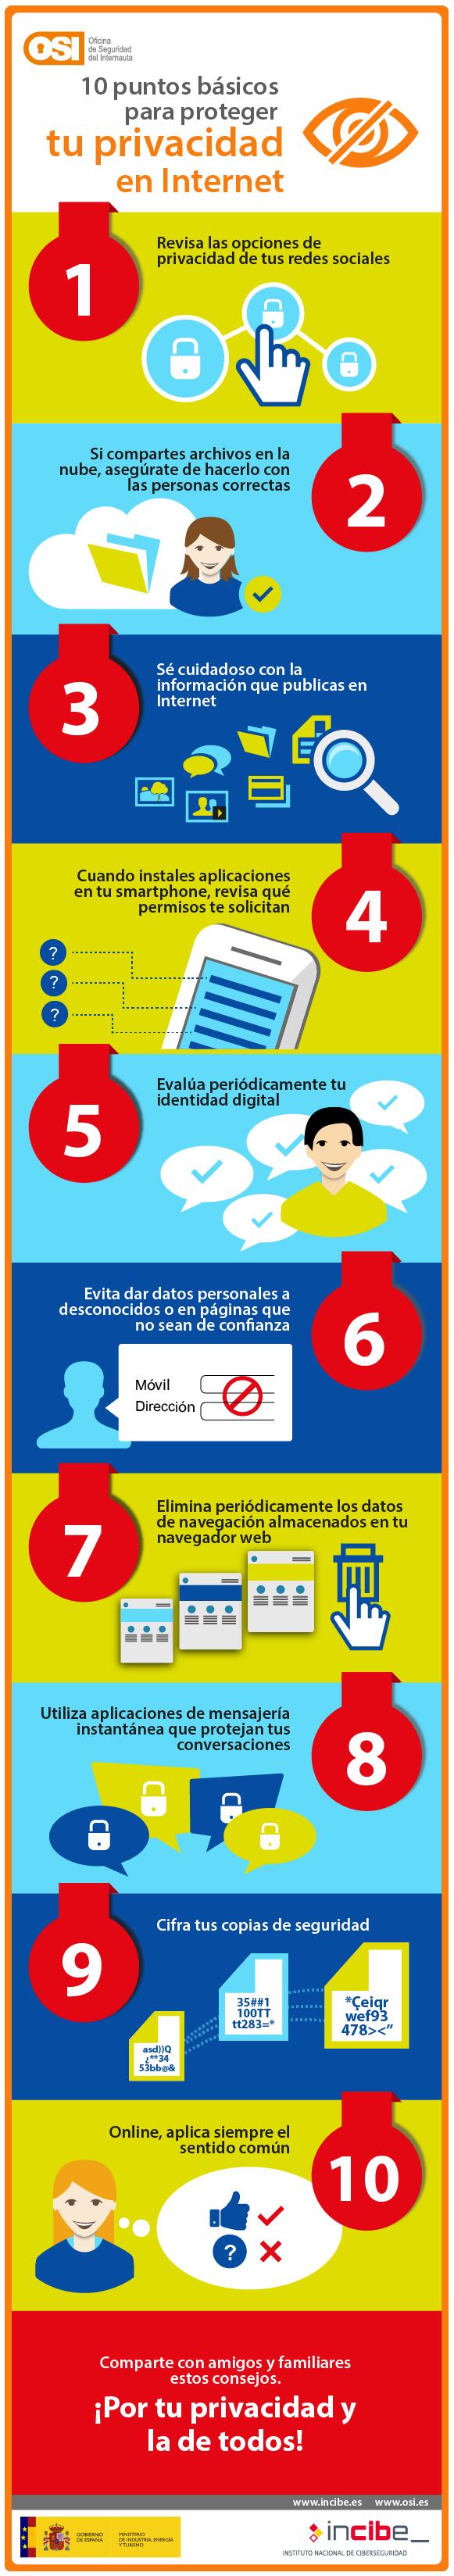 10 puntos b sicos para proteger tu privacidad online los for Oficina seguridad internauta